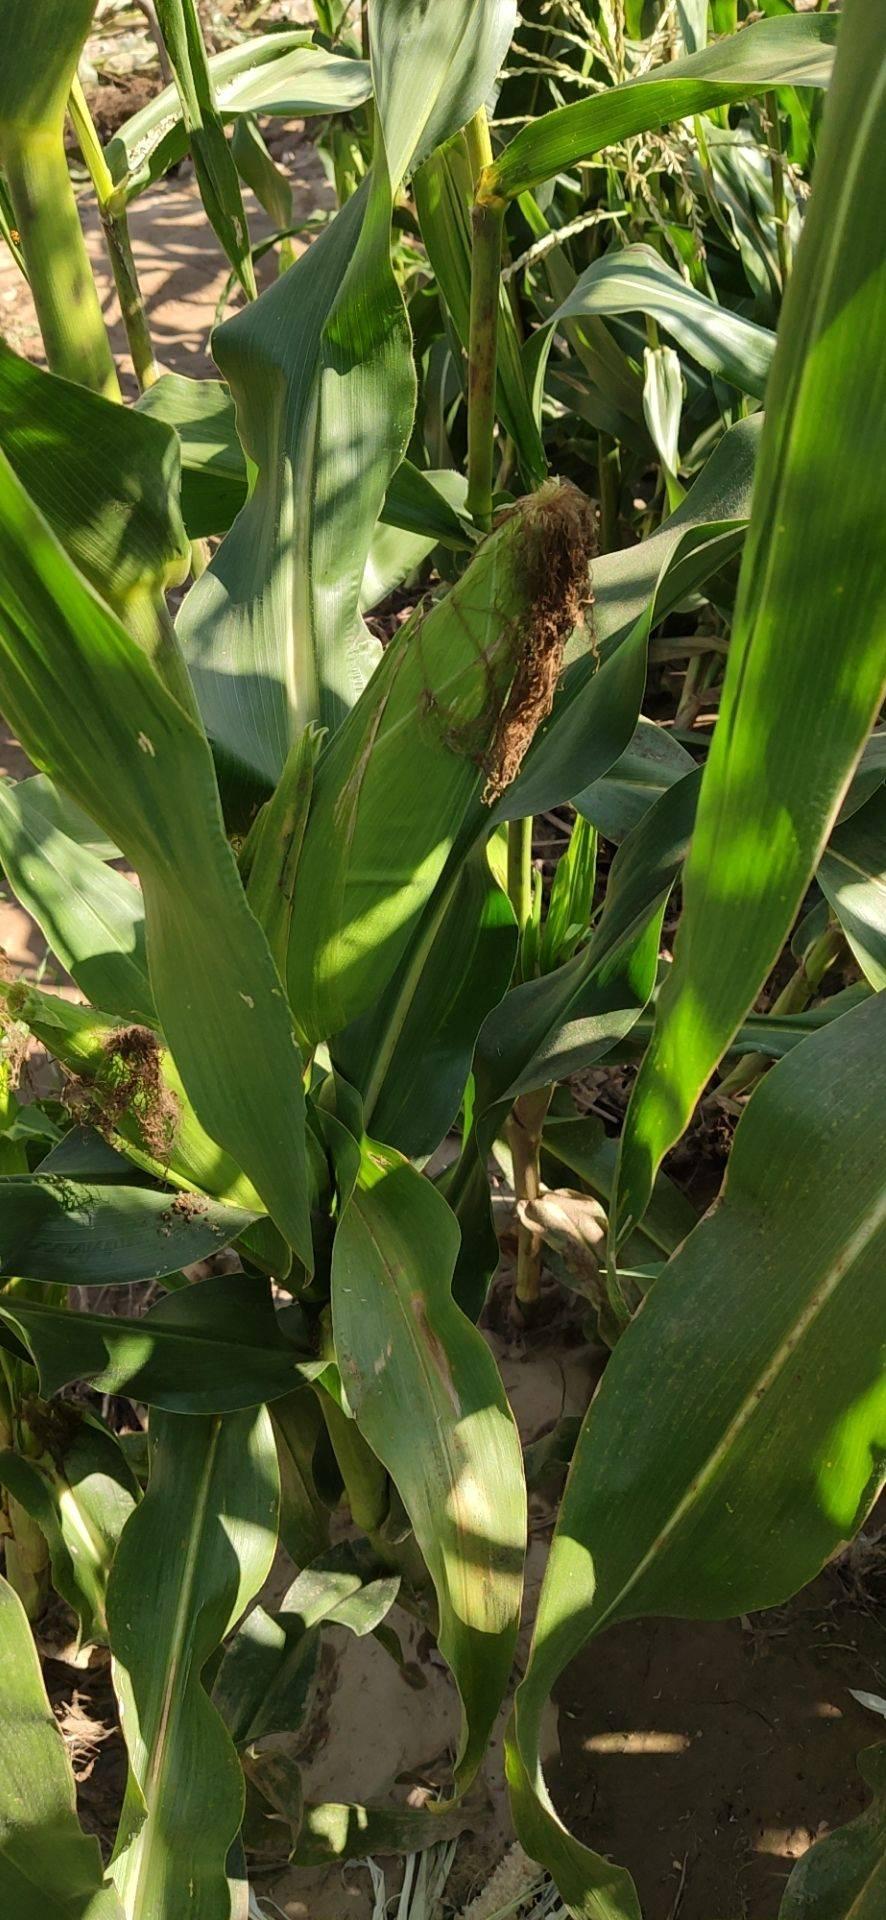 甜糯玉米 阳曲县种植大户糯玉米水果玉米都有欢迎采购